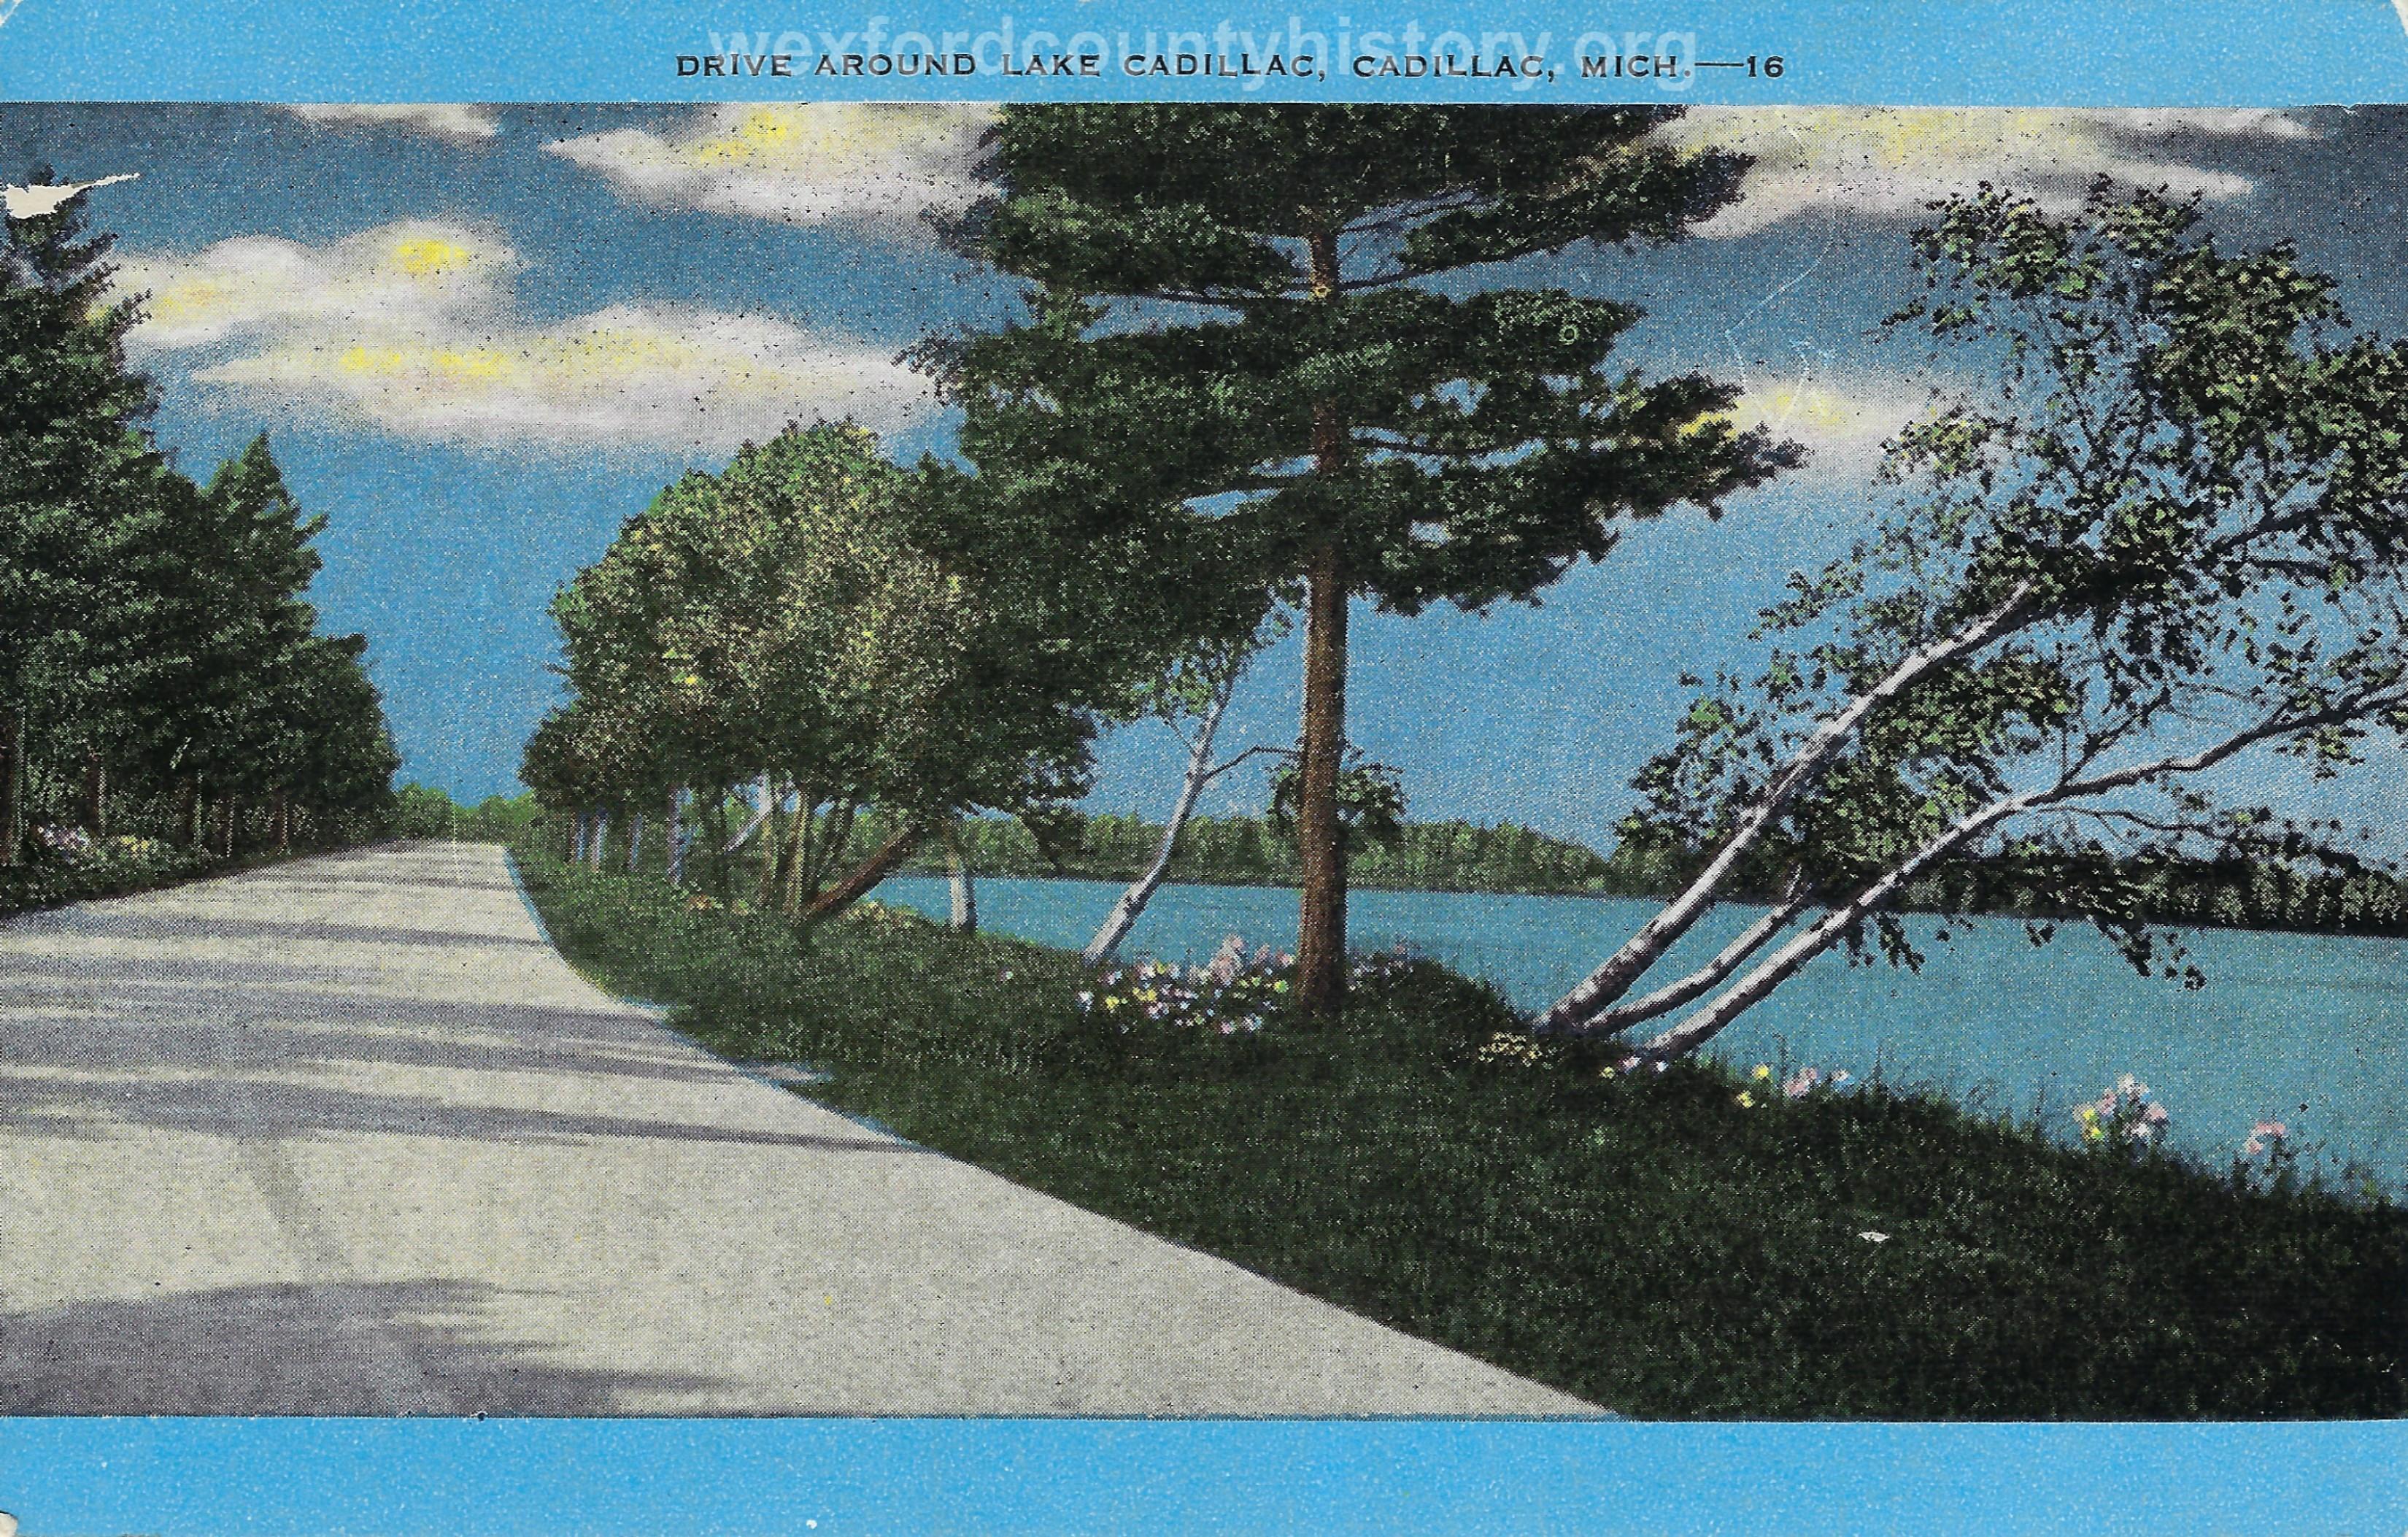 Cadillac-Recreation-North-Boulevard-And-Lake-Cadillac-1